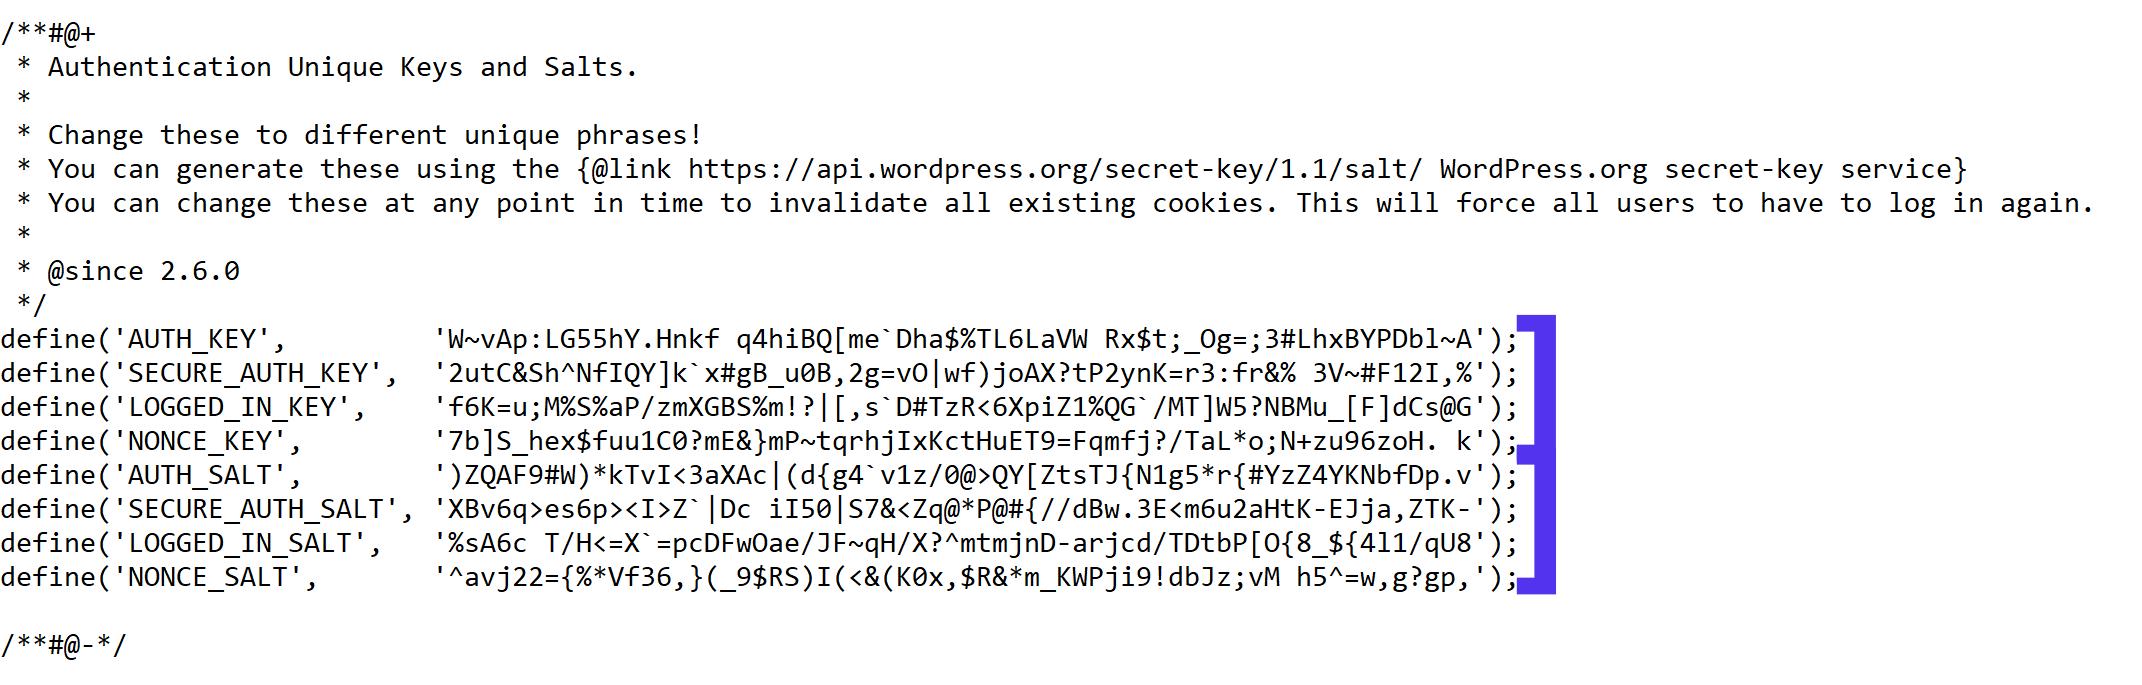 Esempio di salts nel file wp-config.php